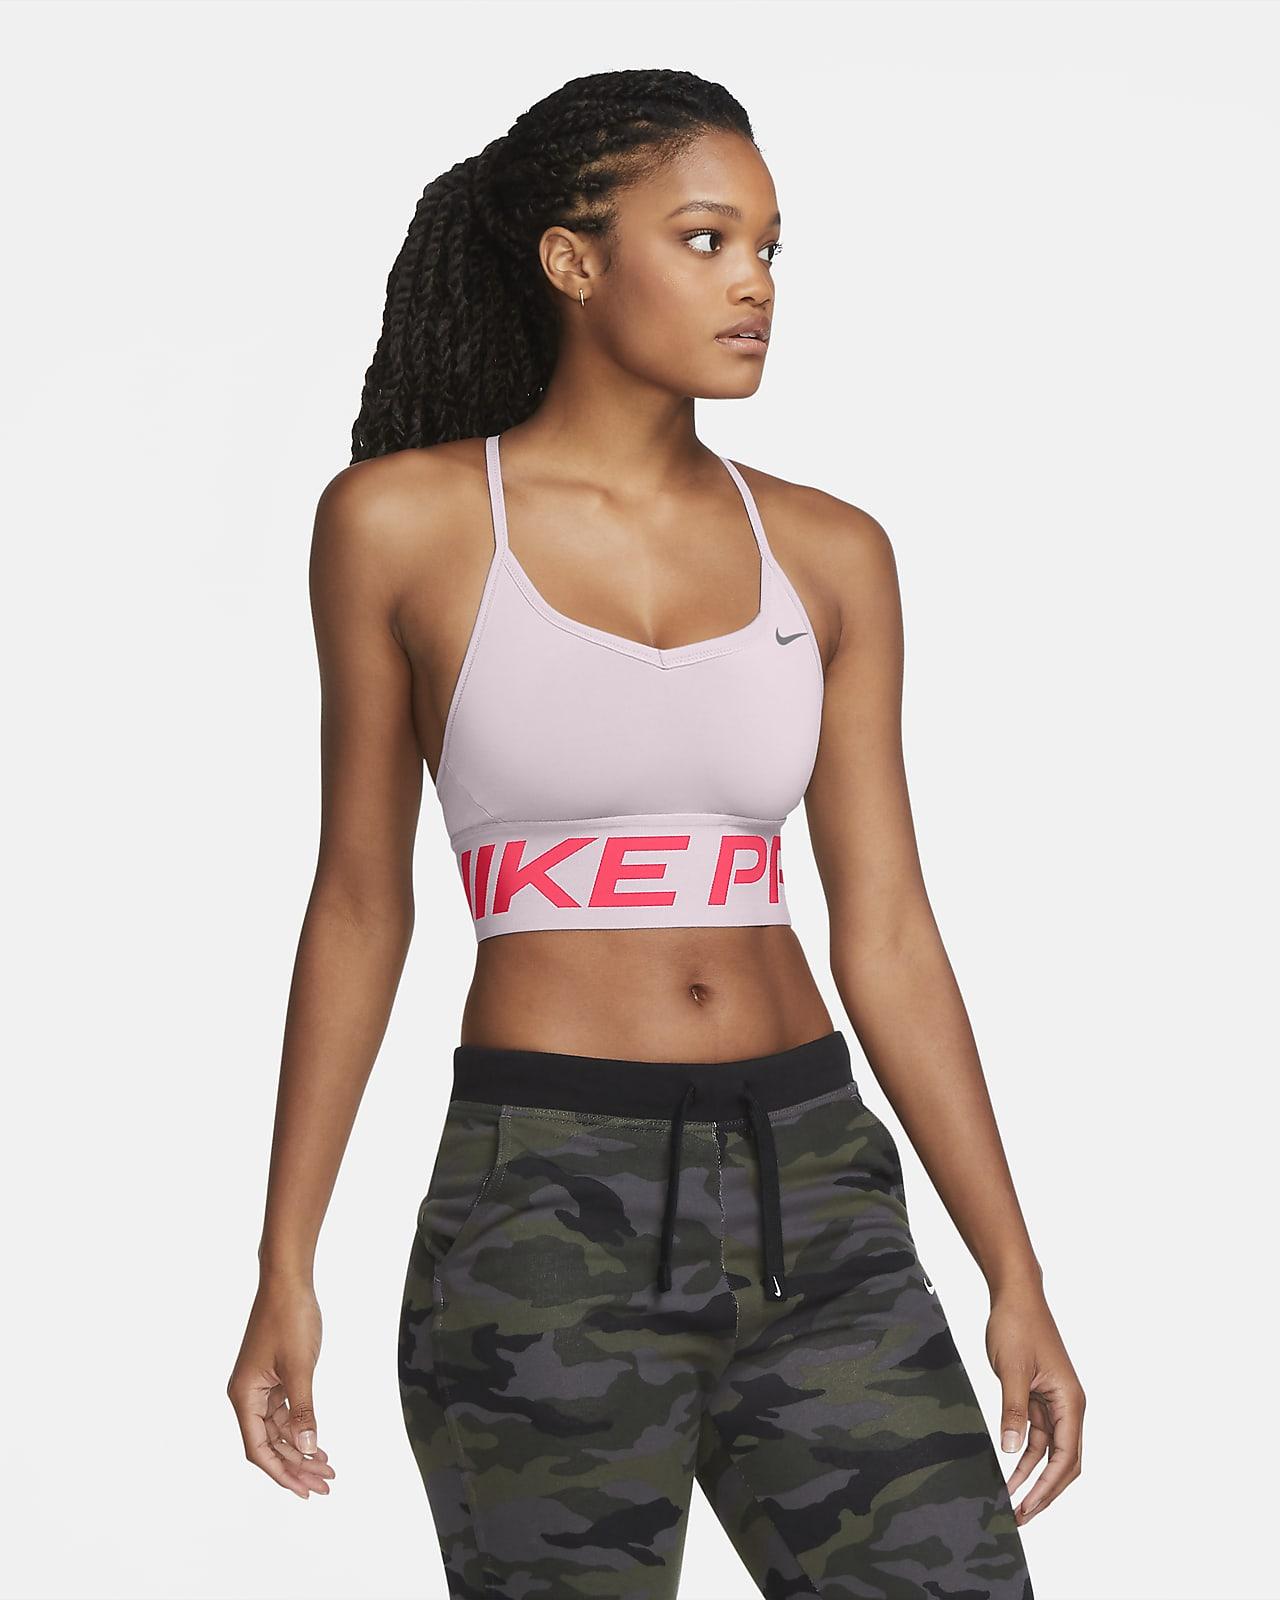 Bra a sostegno leggero Nike Pro Indy - Donna